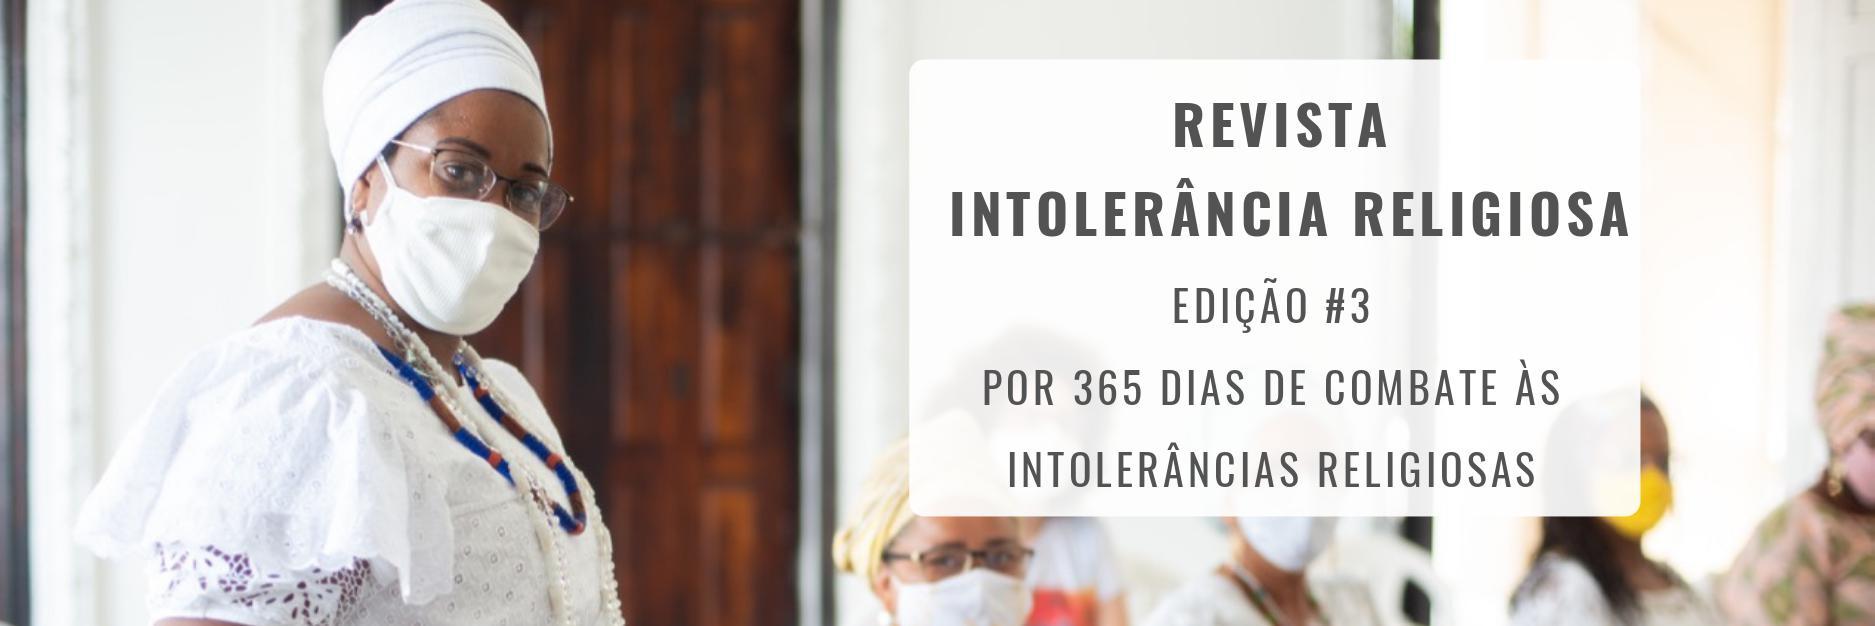 Nova edição da Revista Intolerância Religiosa traz  ações do dia 21 de janeiro pelo país